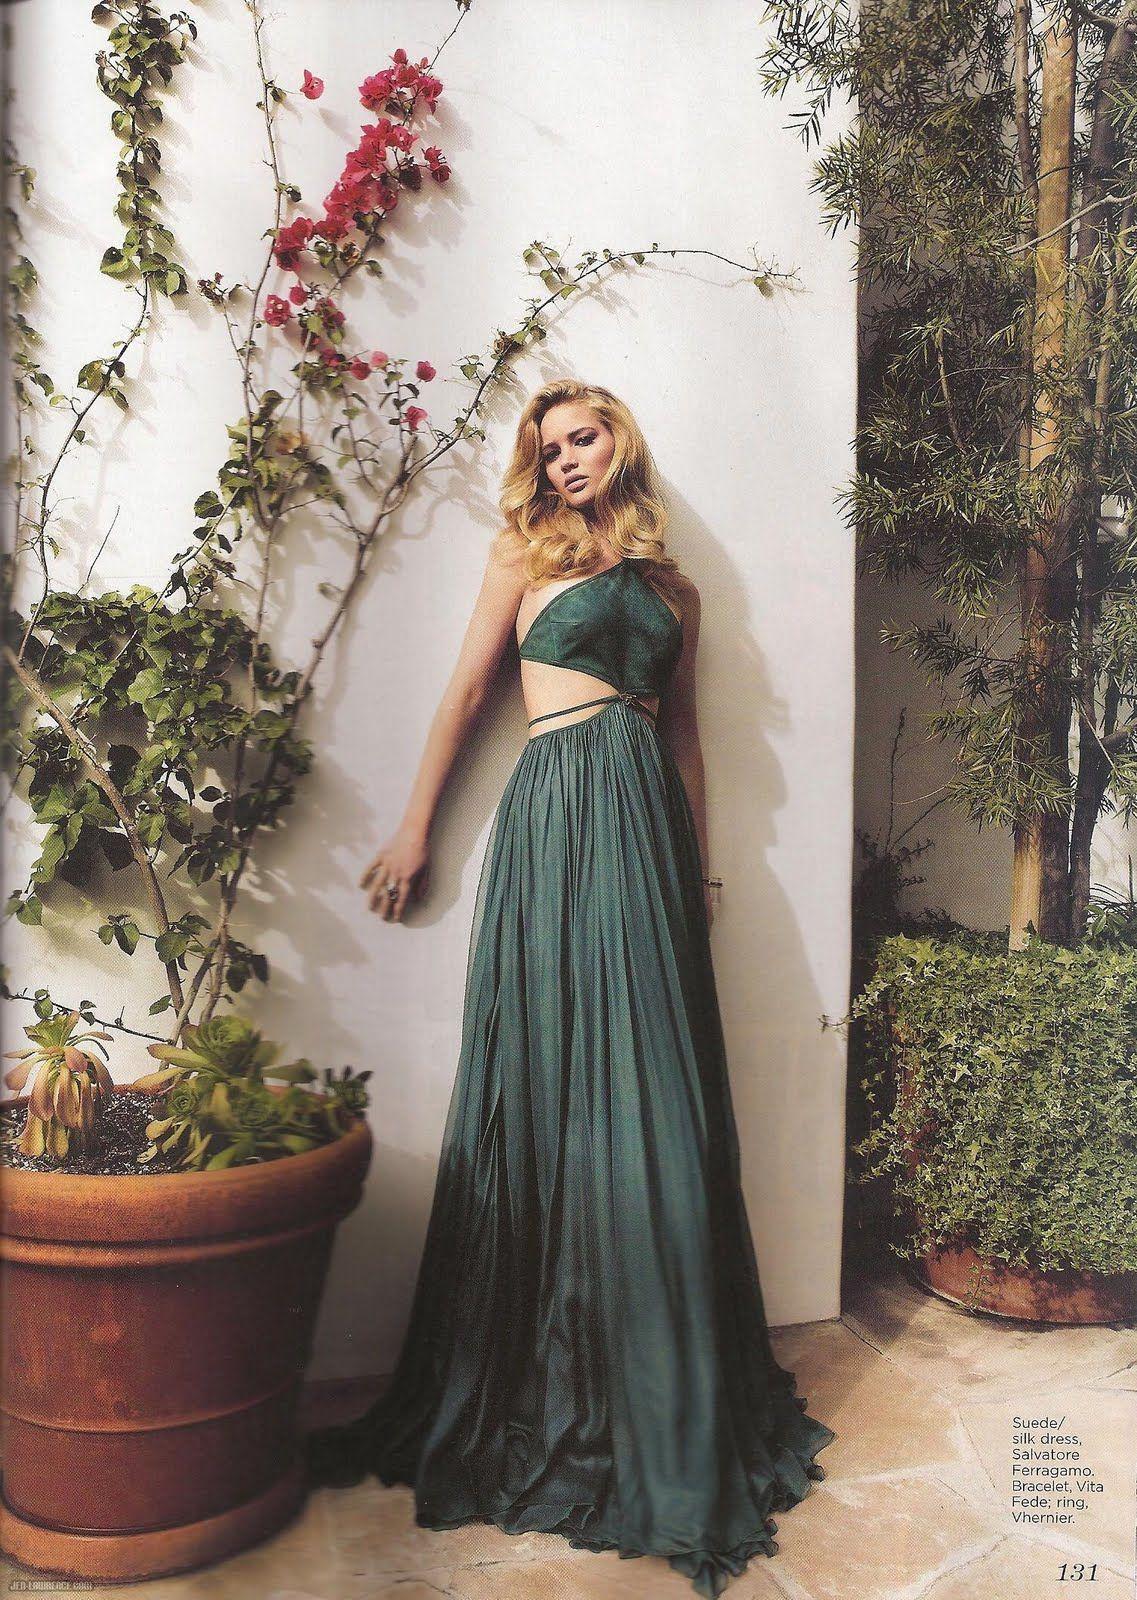 The amazing Jennifer Lawrence